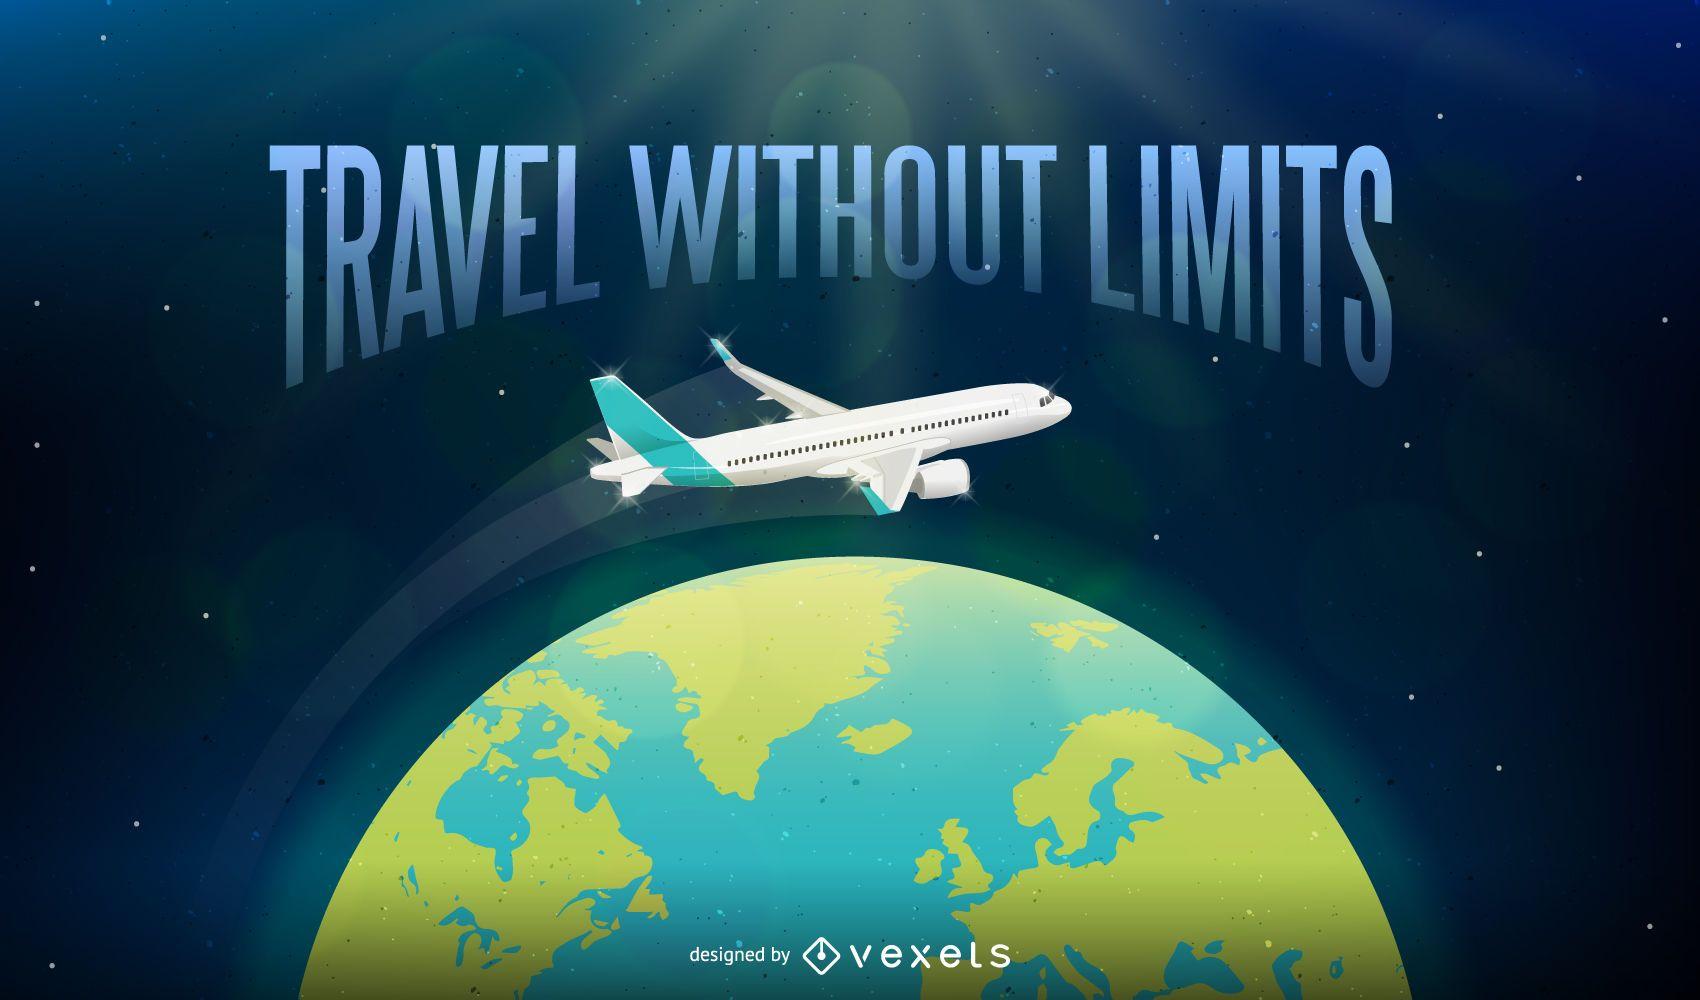 Viajar sin límites ilustración de fondo